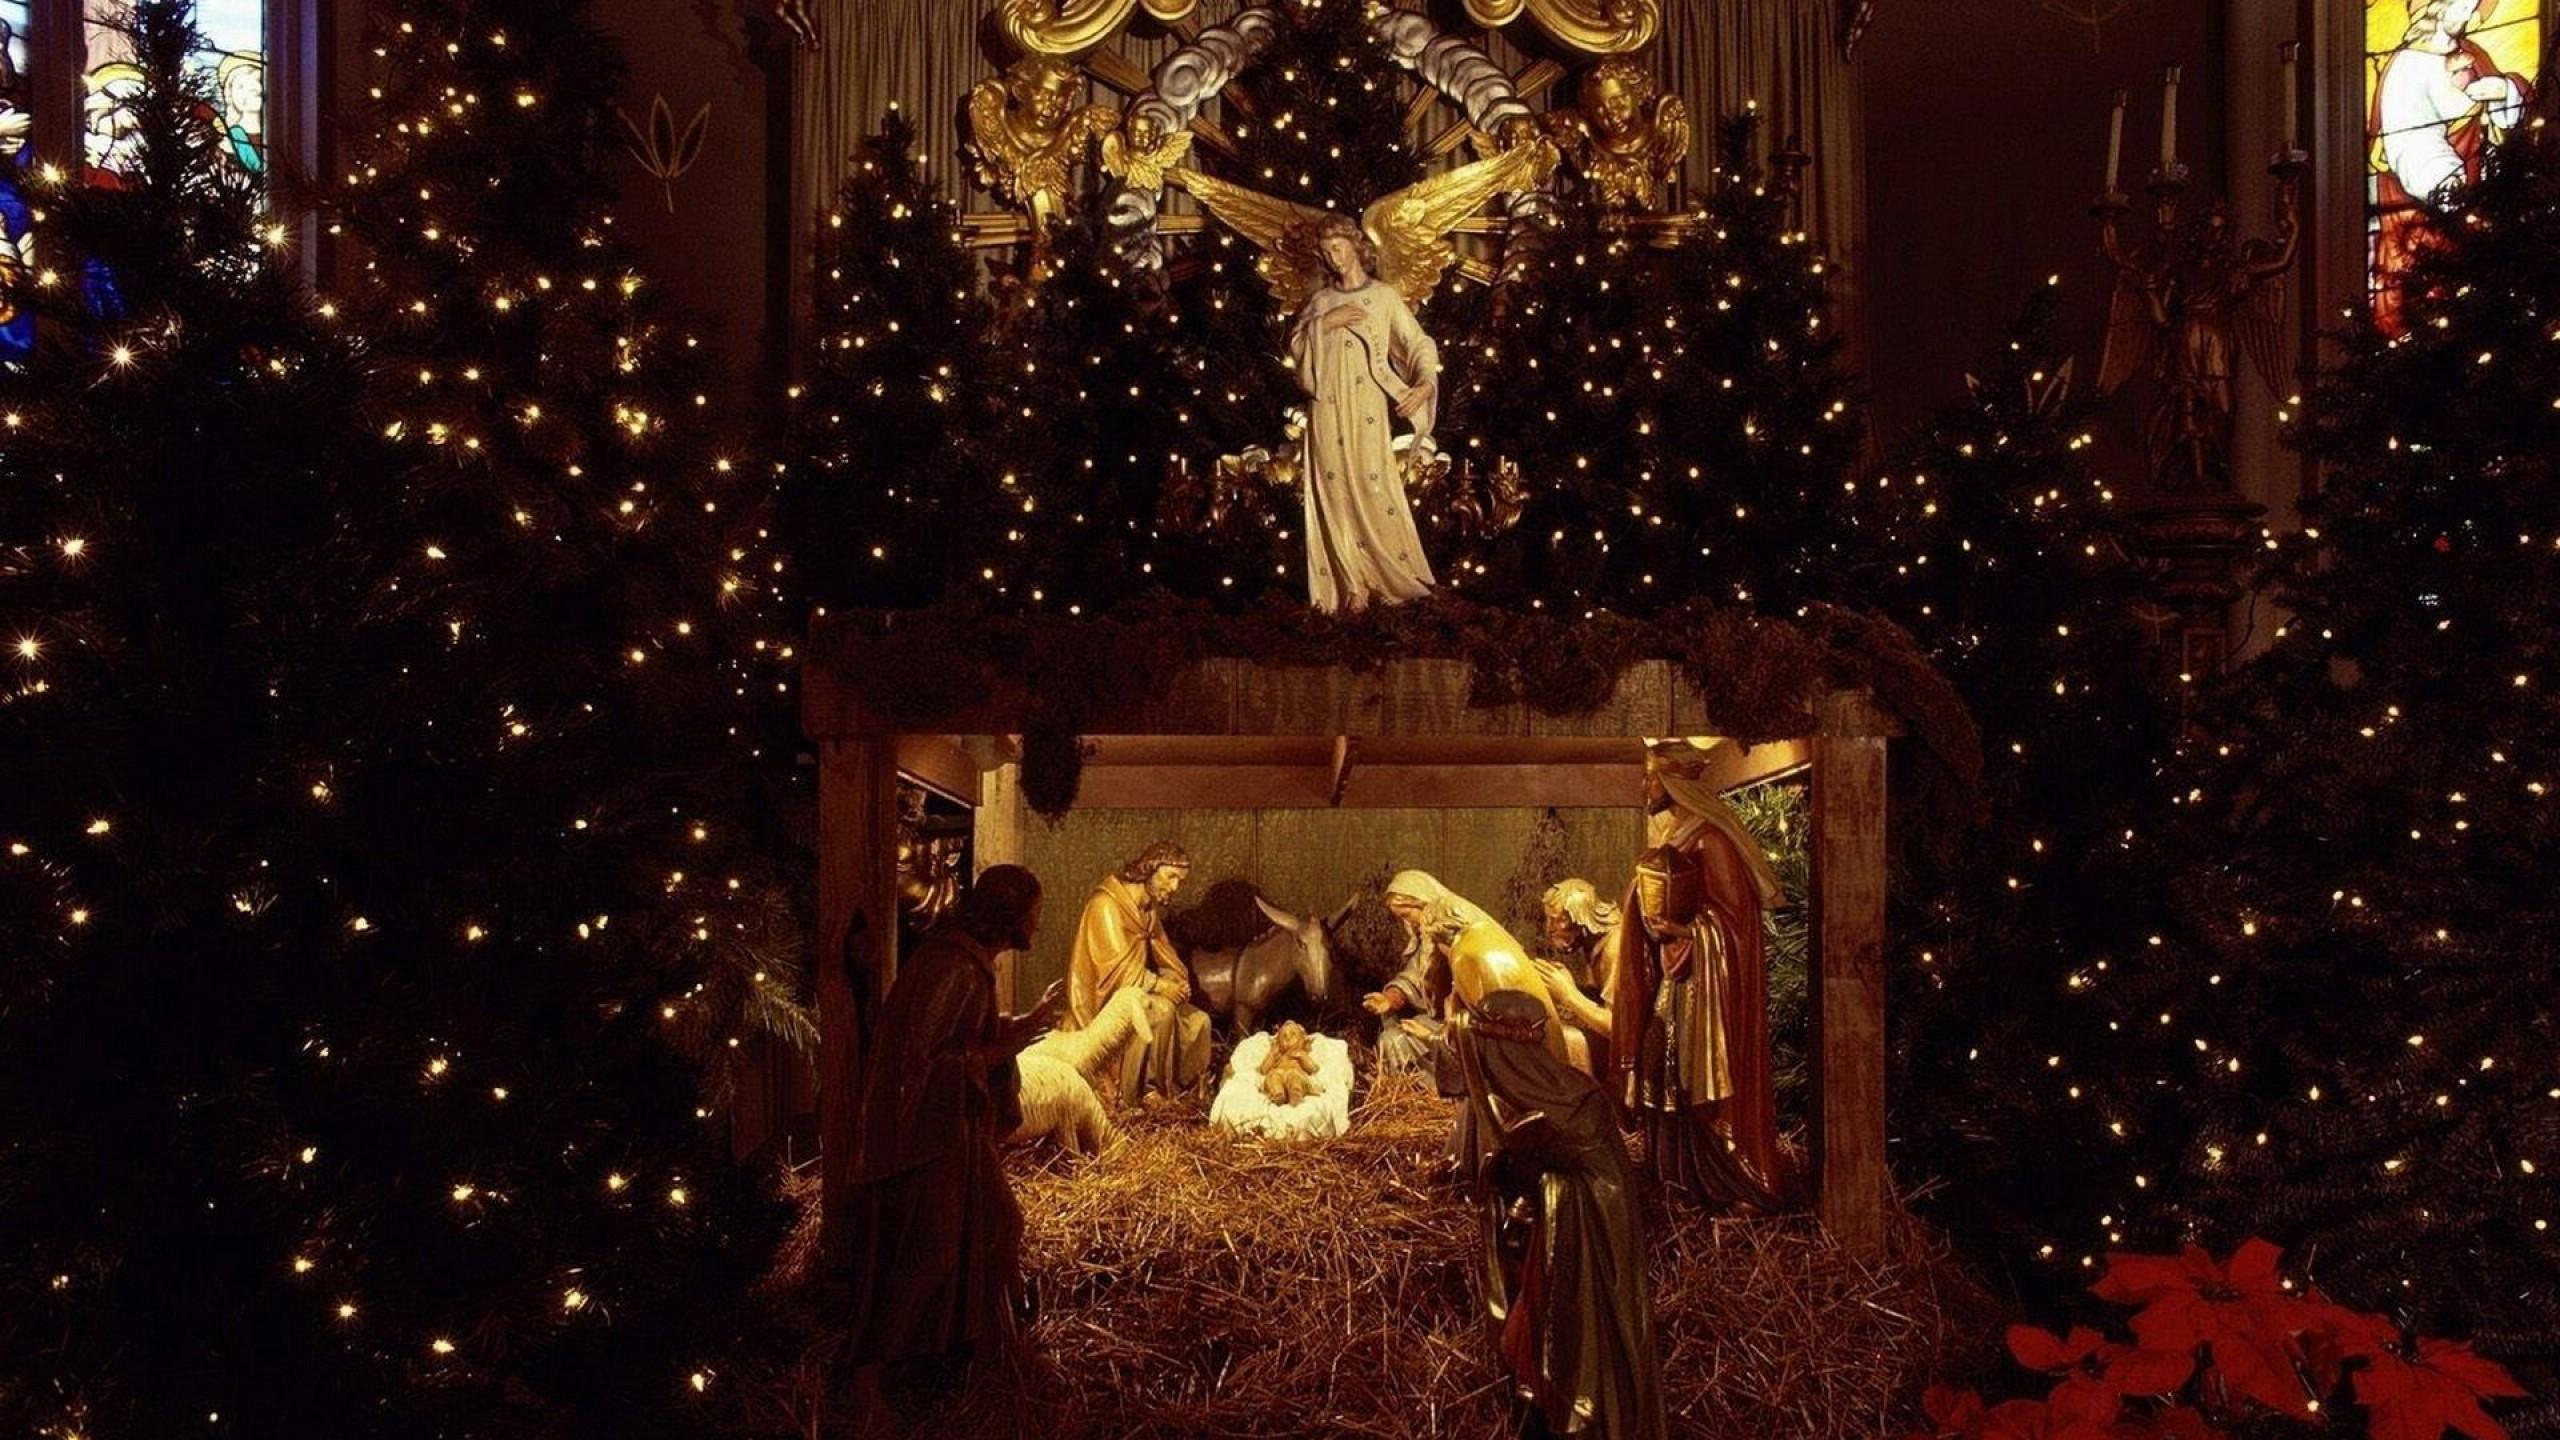 Рождество 2017 картинки